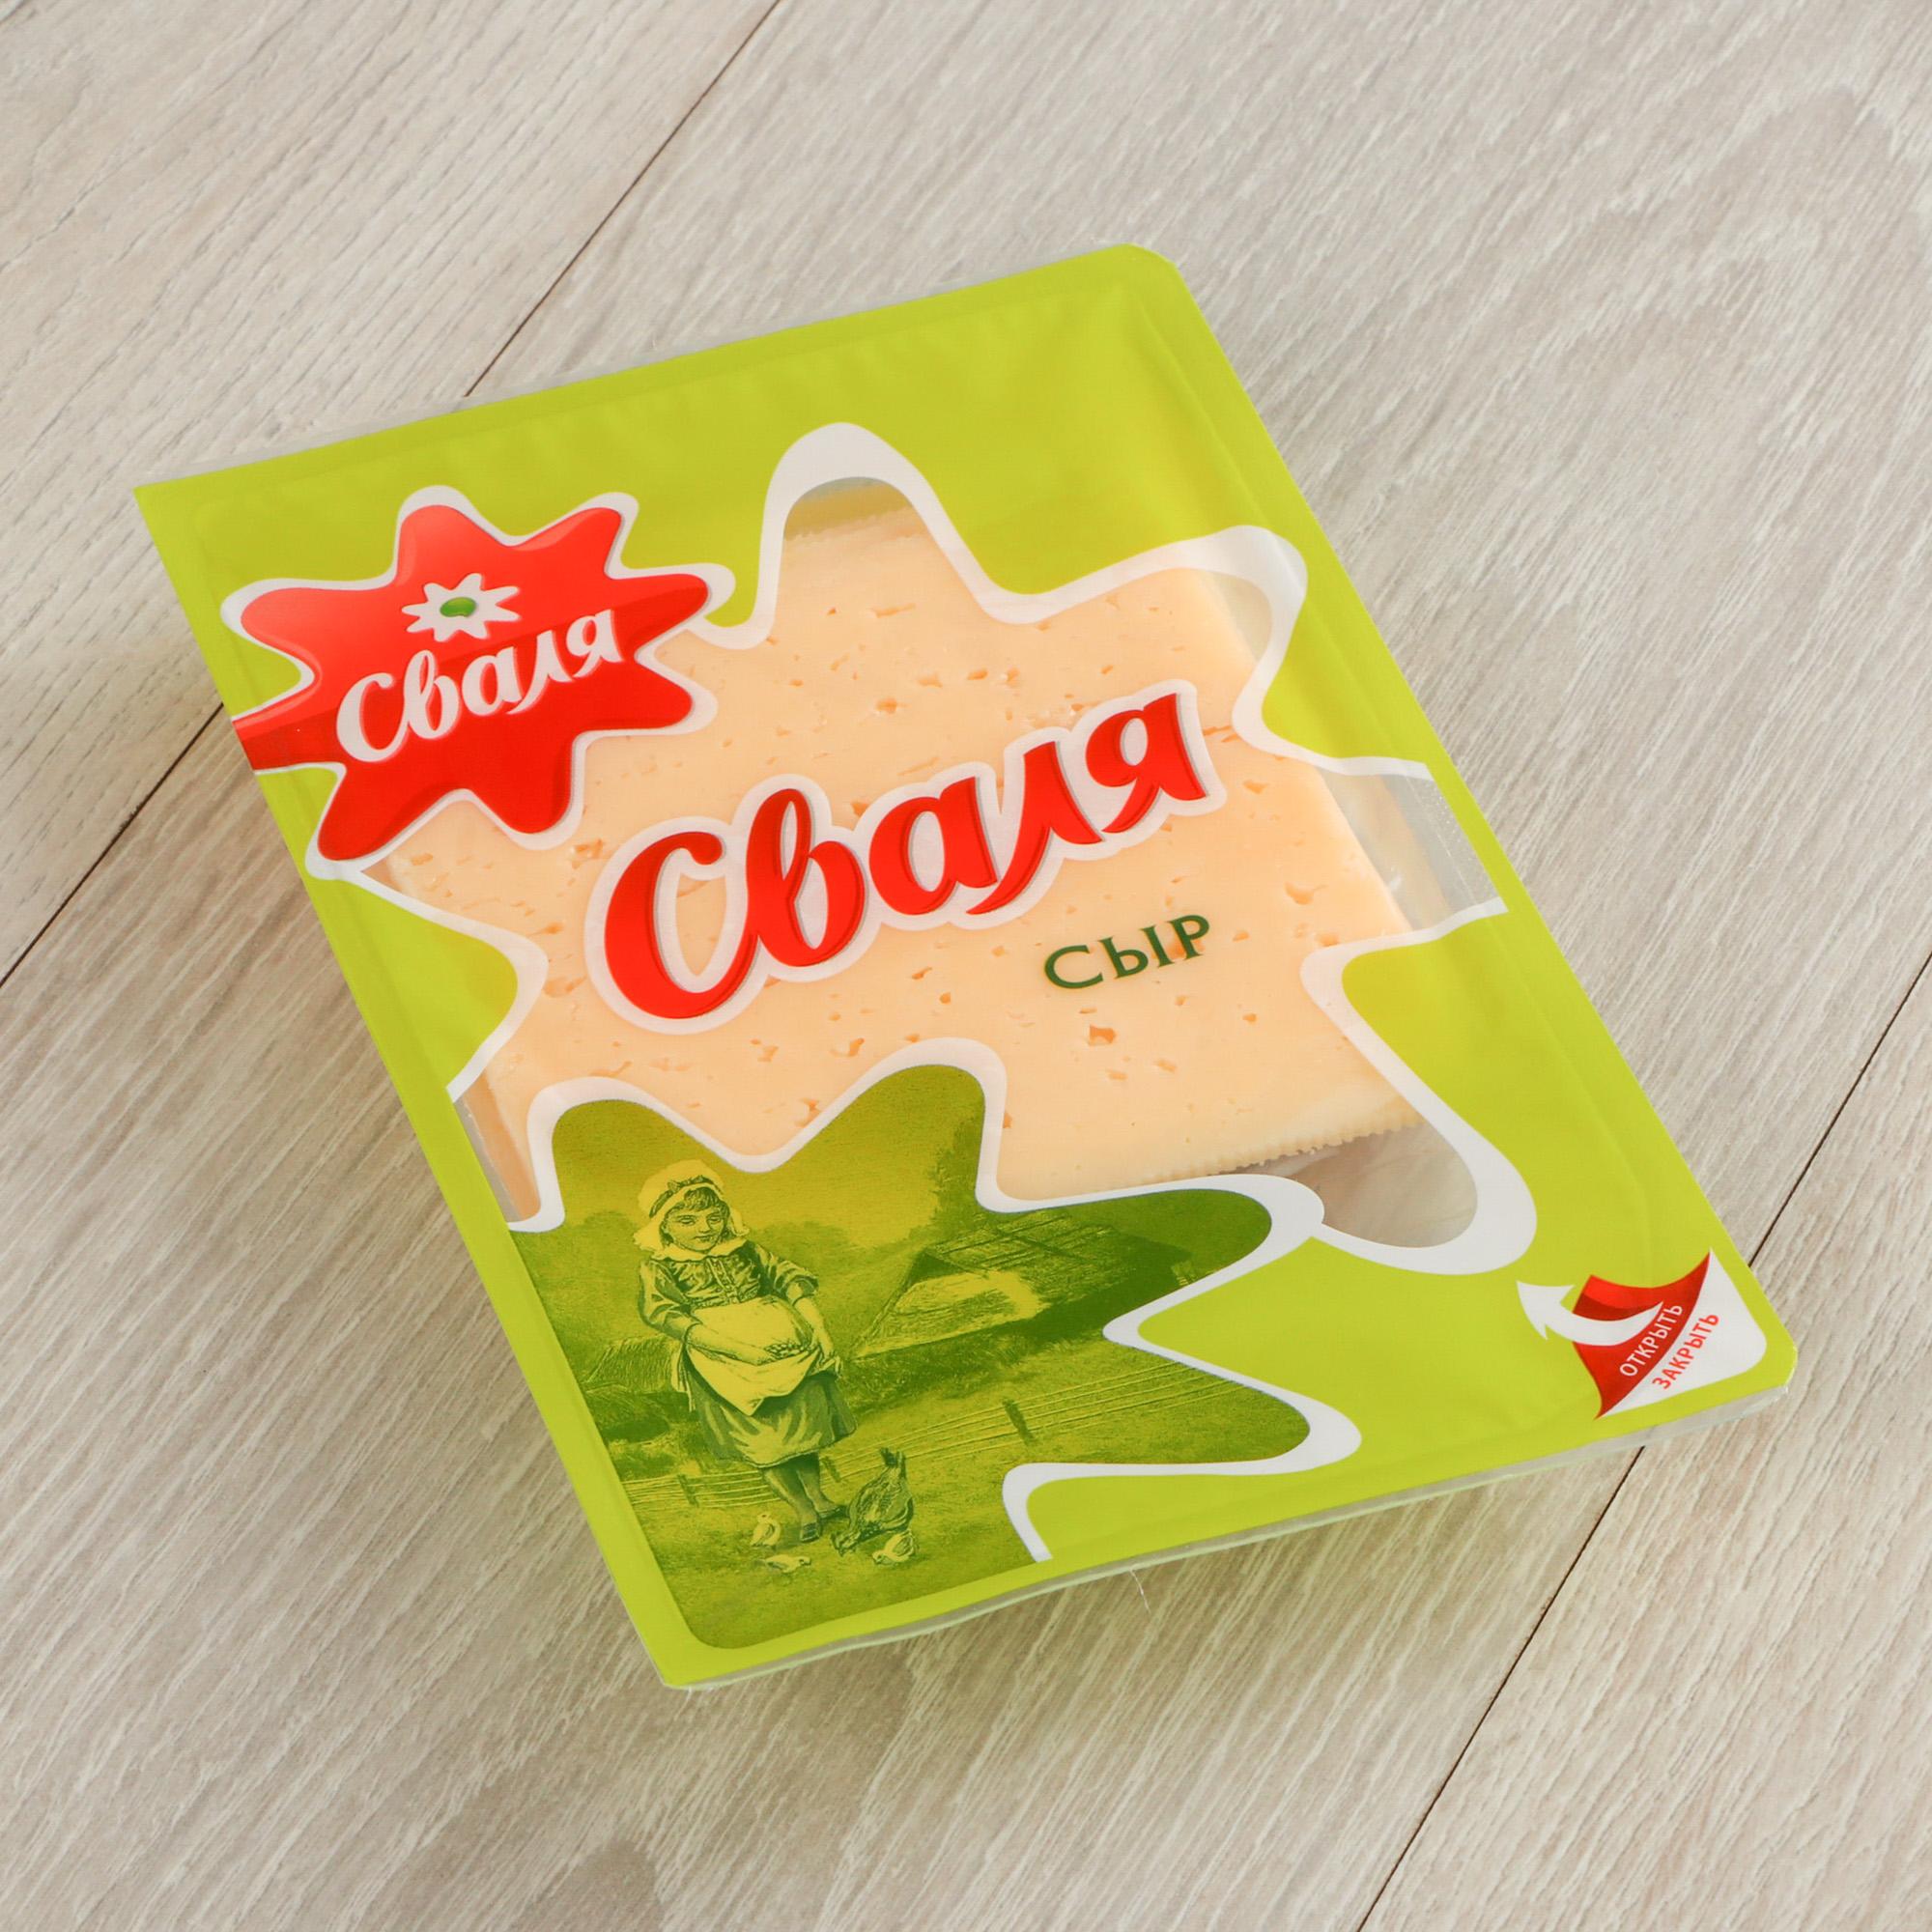 Фото - Сыр Сваля Тильзитер 45% 200 г сыр полутвердый сваля тильзитер ломтики 45